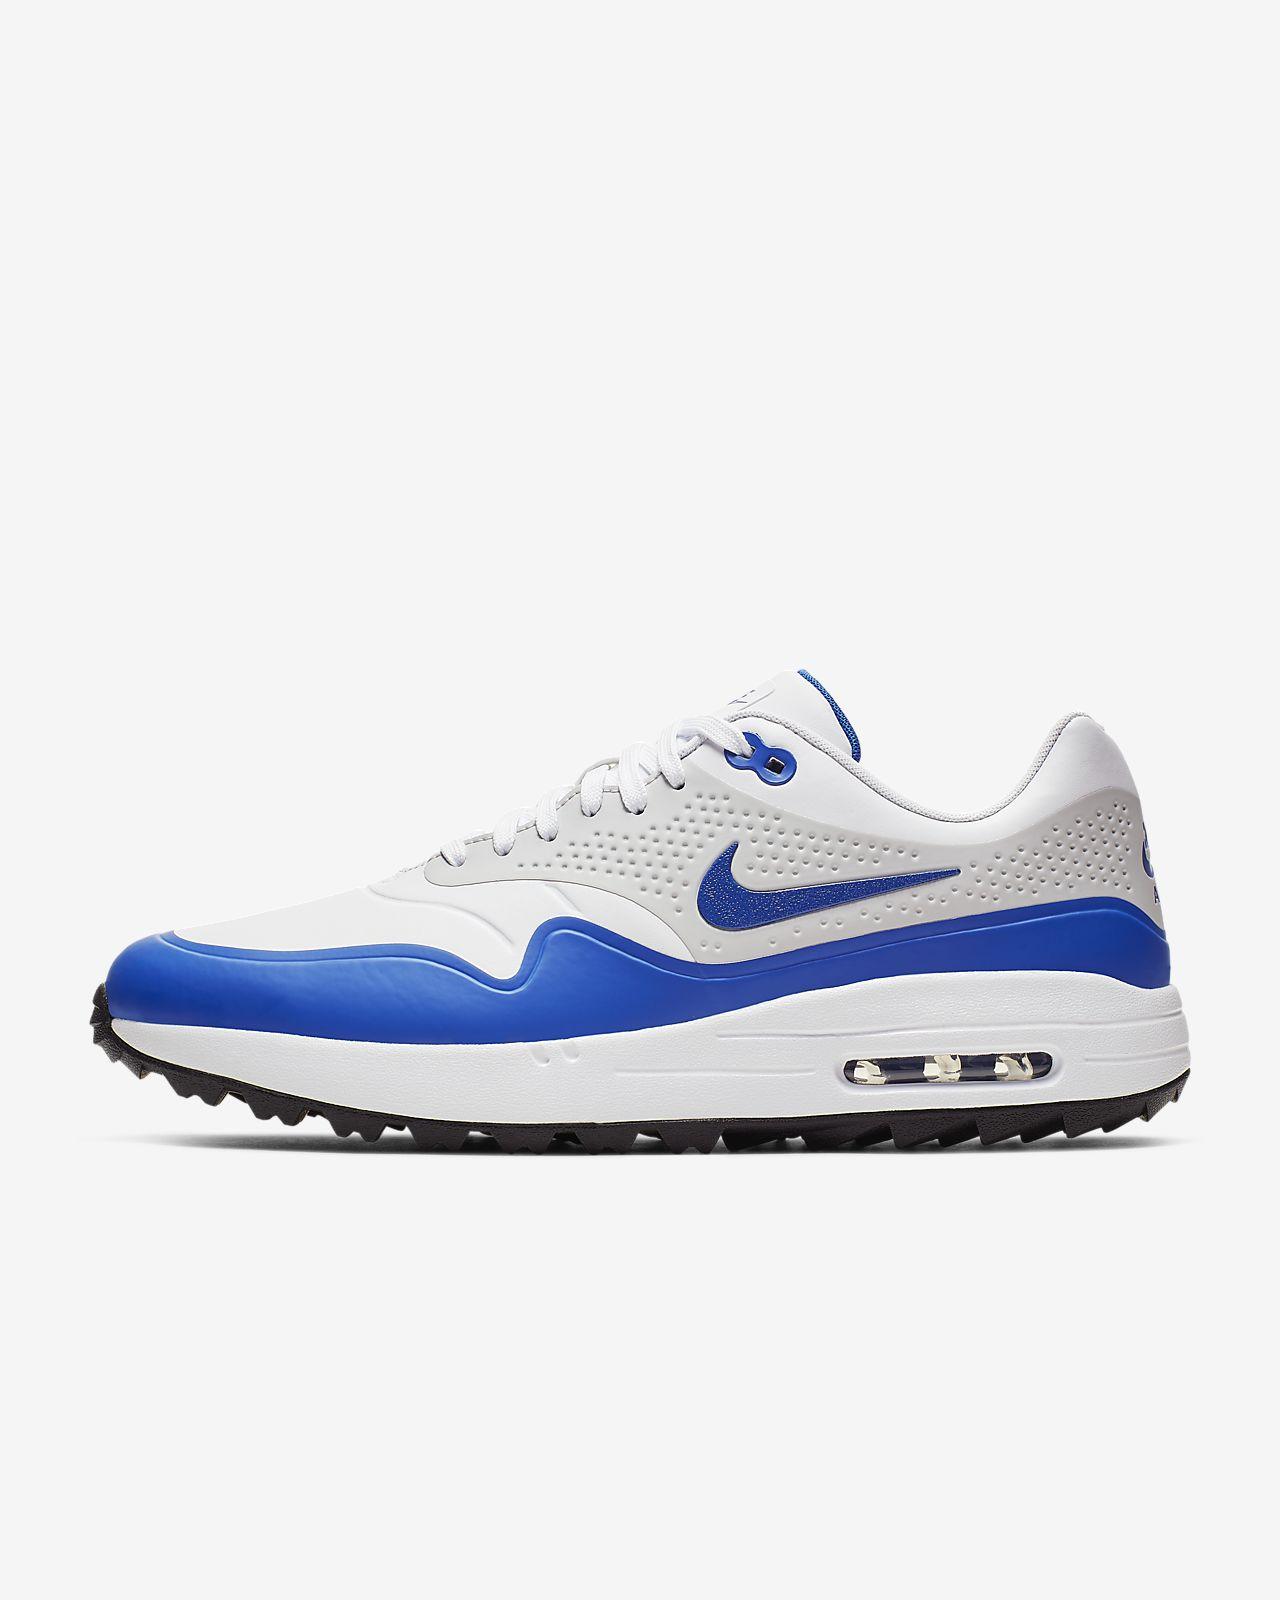 Nike Air Max 90 en Nike Air Max 1 | Sneakersenzo: 40.5